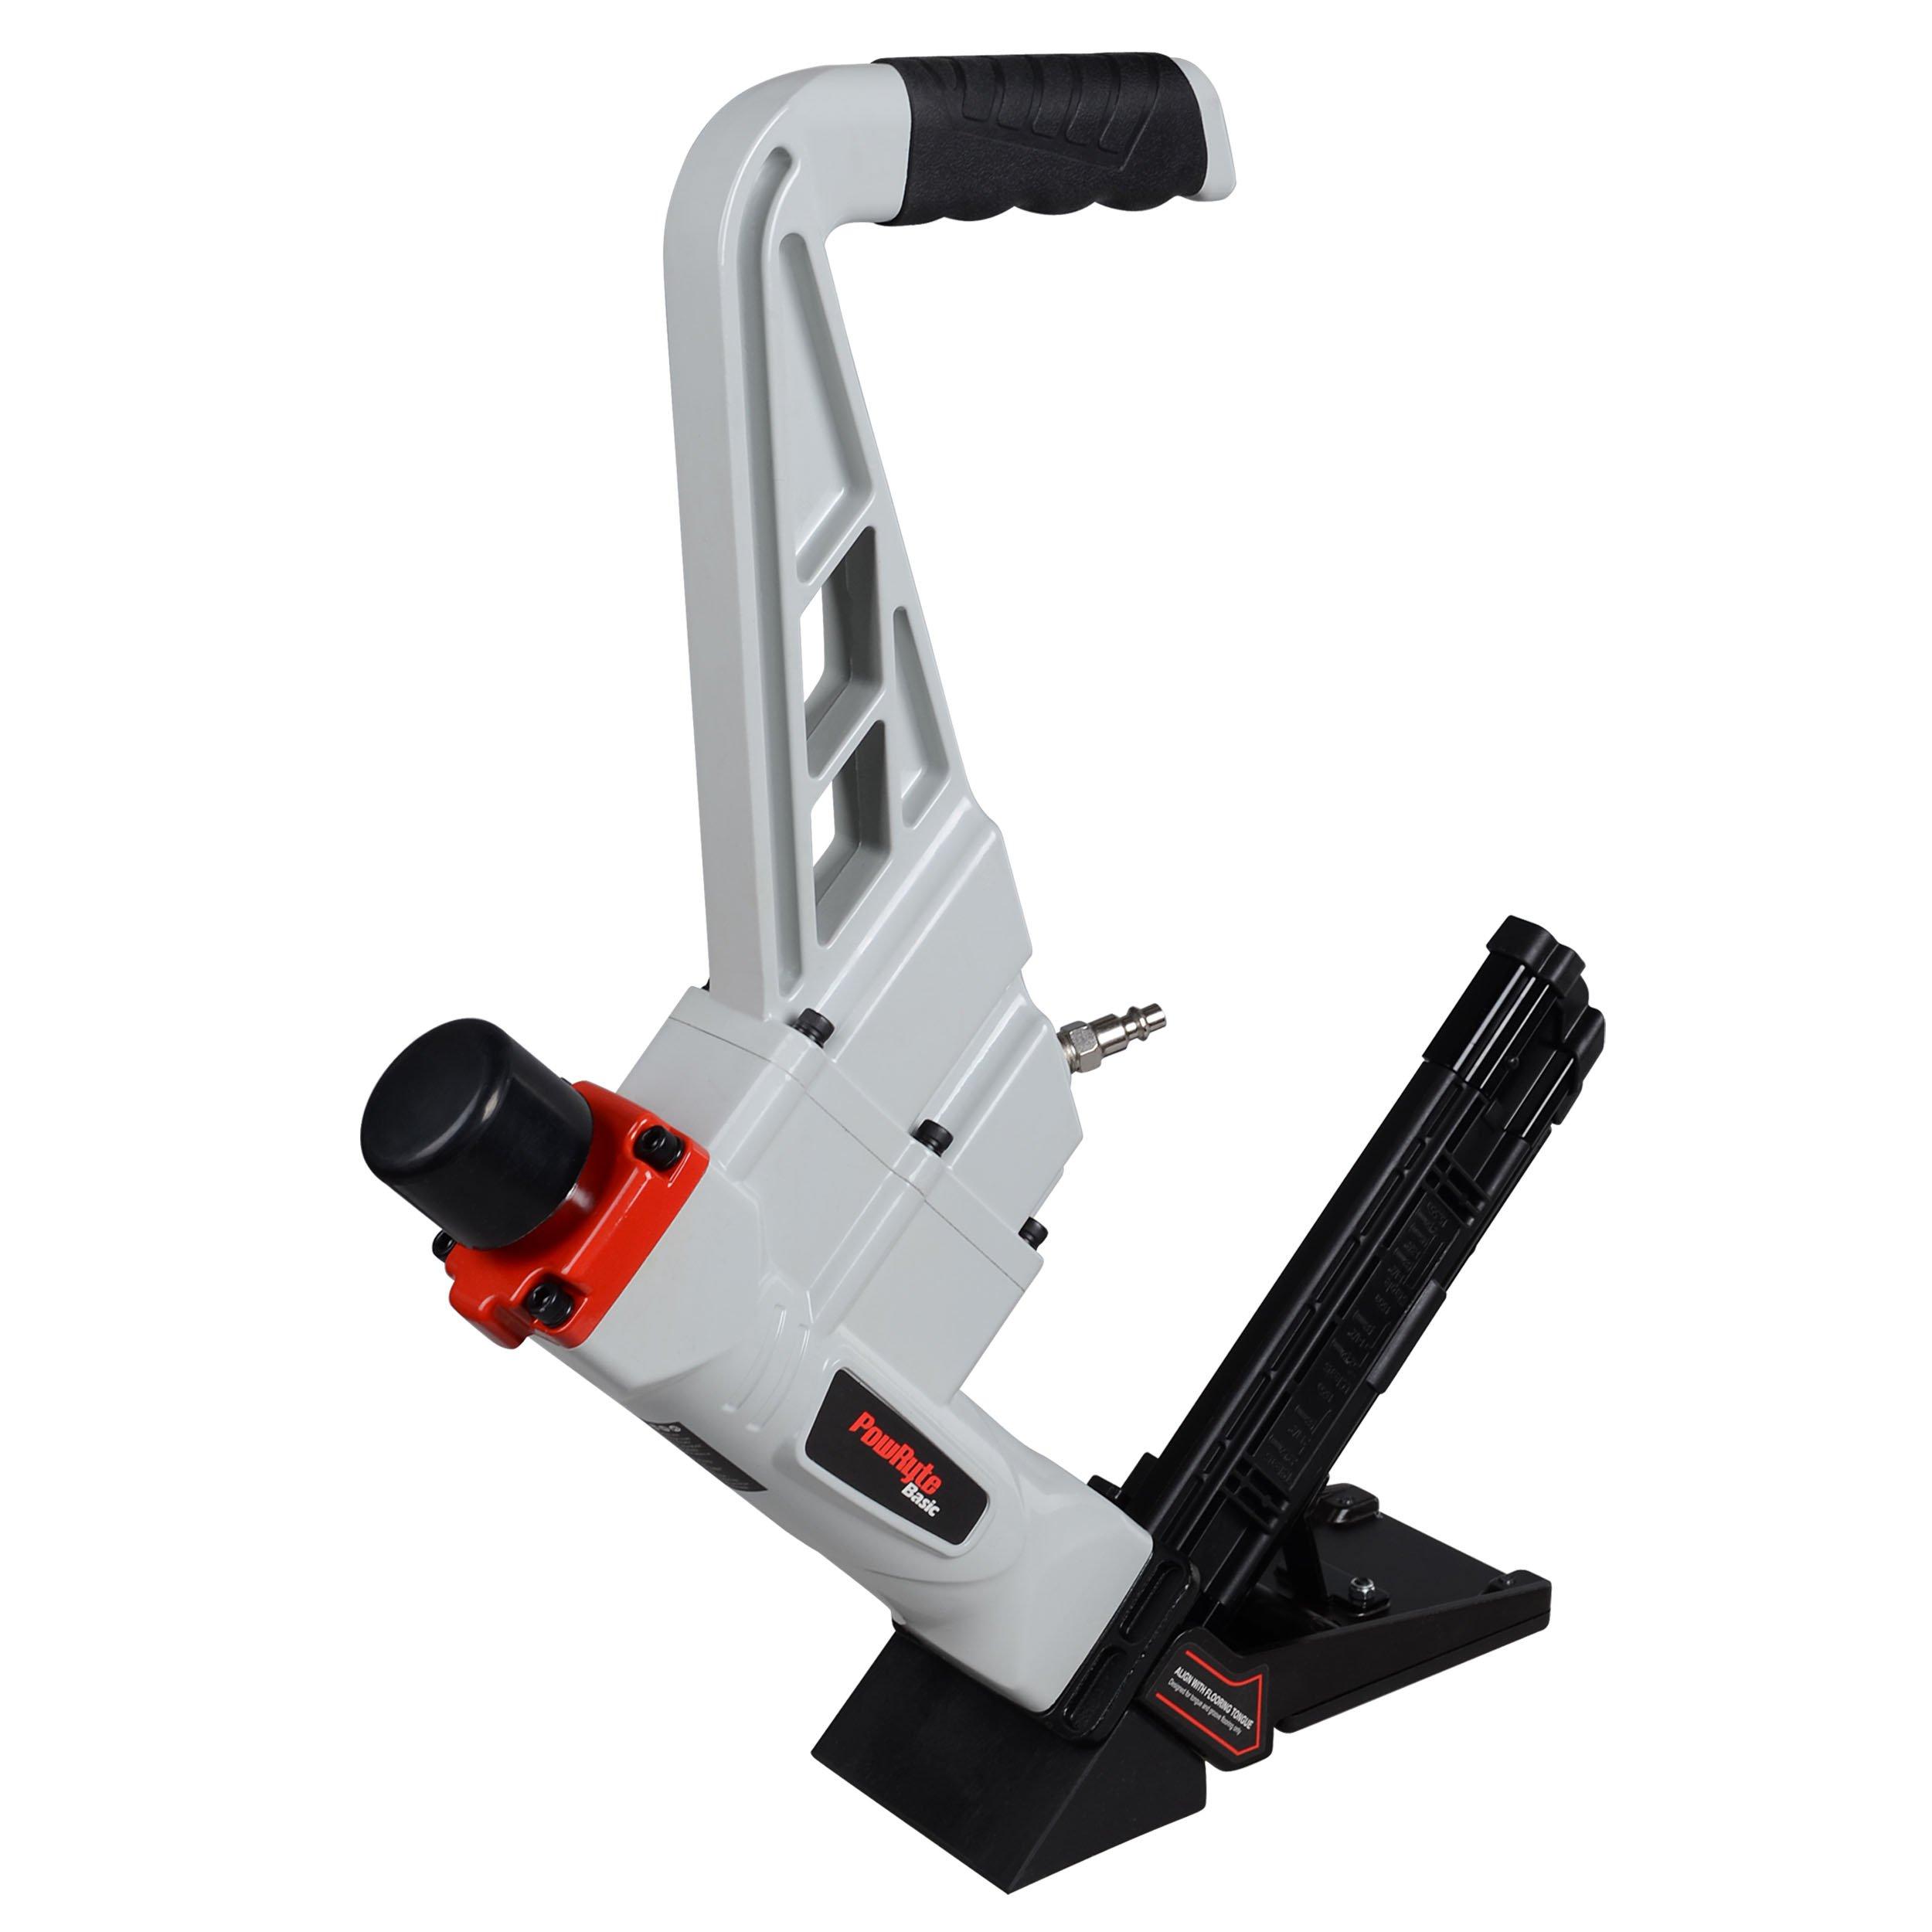 PowRyte 3-in-1 Air Flooring Nailer & Stapler